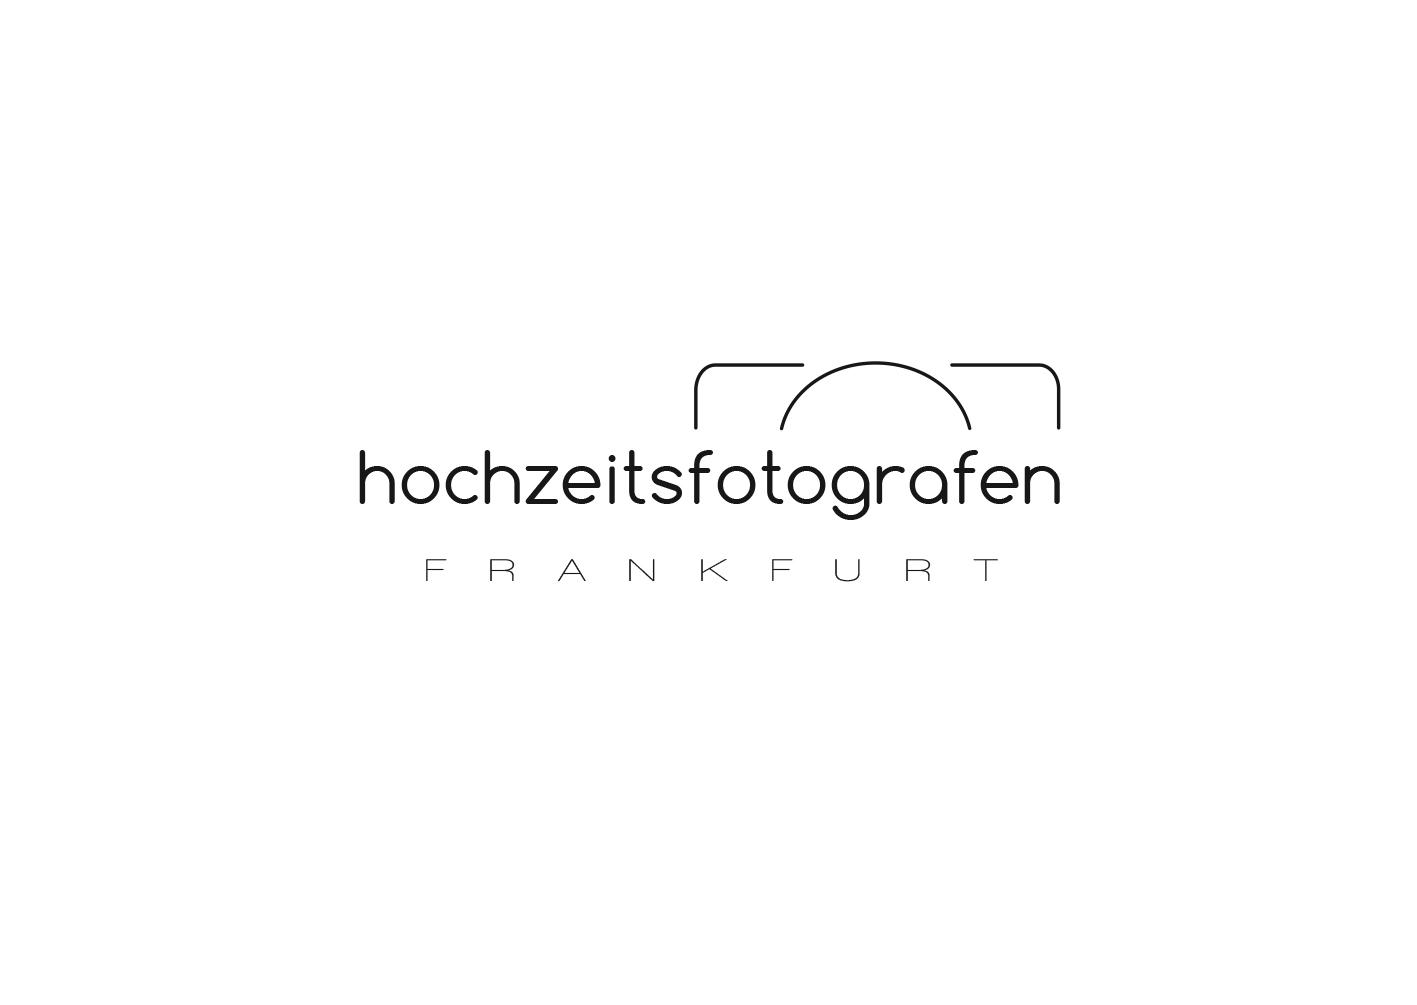 Hochzeitsfotografen Frankfurt